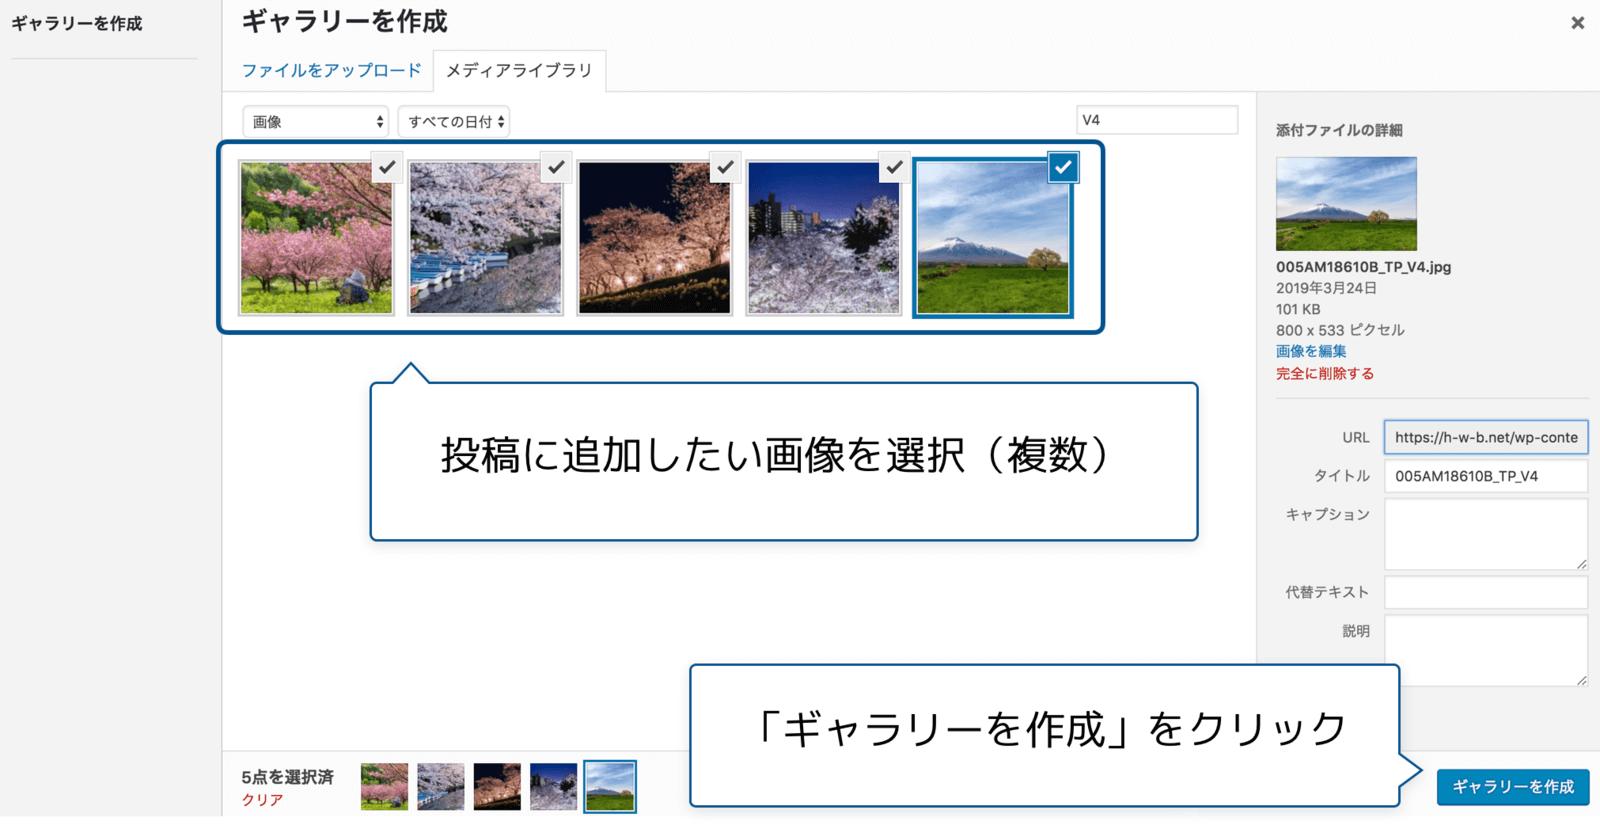 投稿に追加したい画像を複数選択する